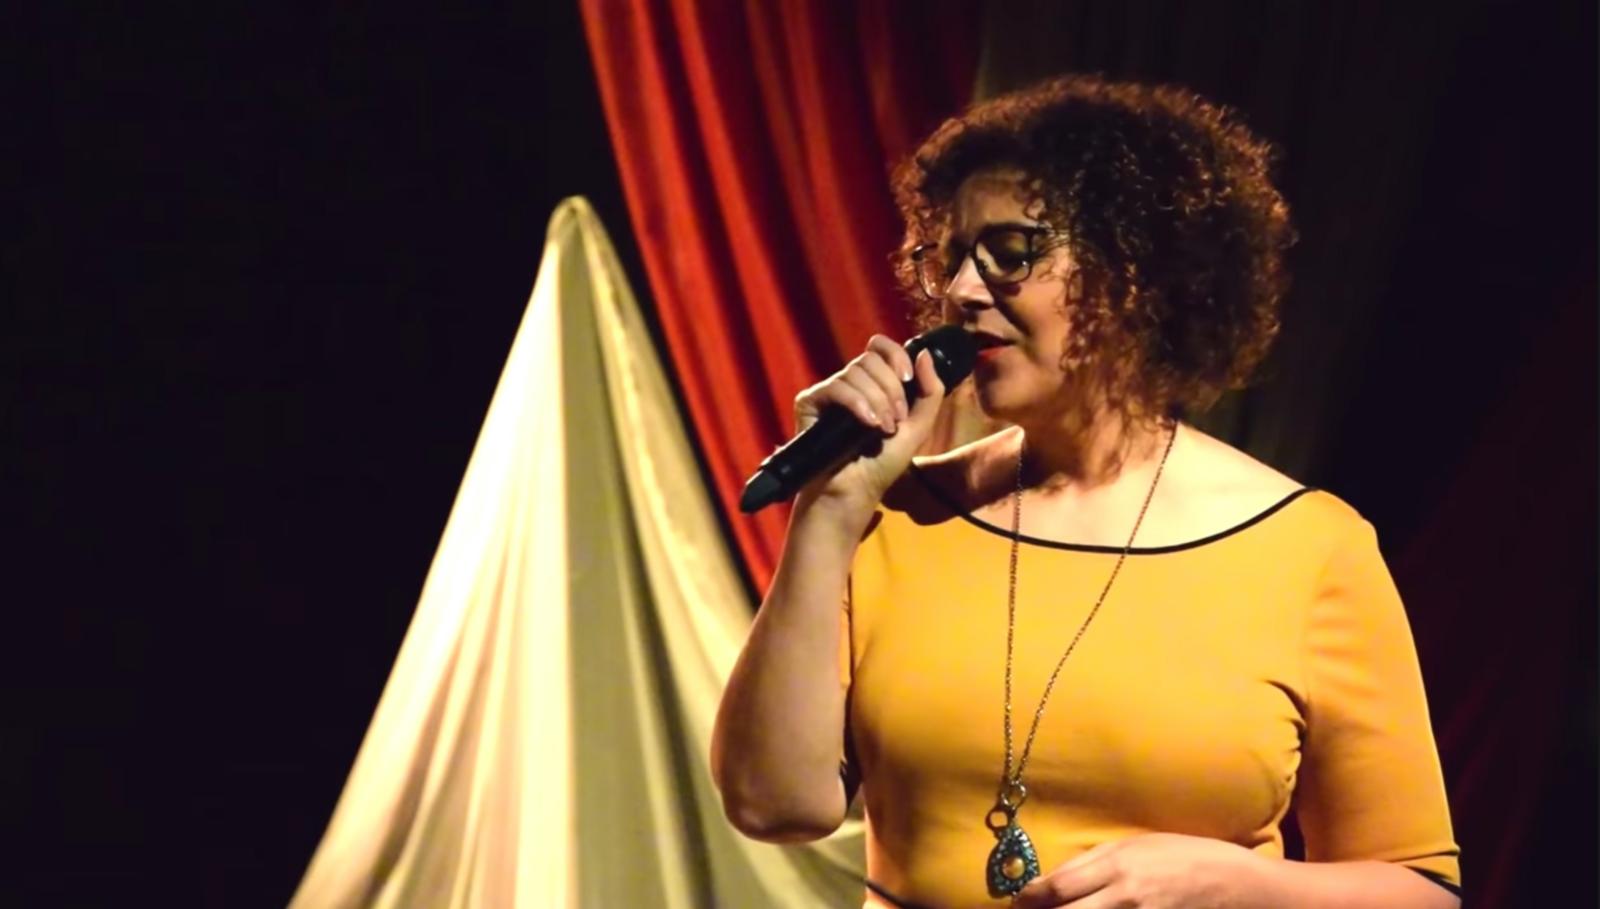 Meilės dainų konkurse antroji vieta – Joniškio kultūros centro direktorei